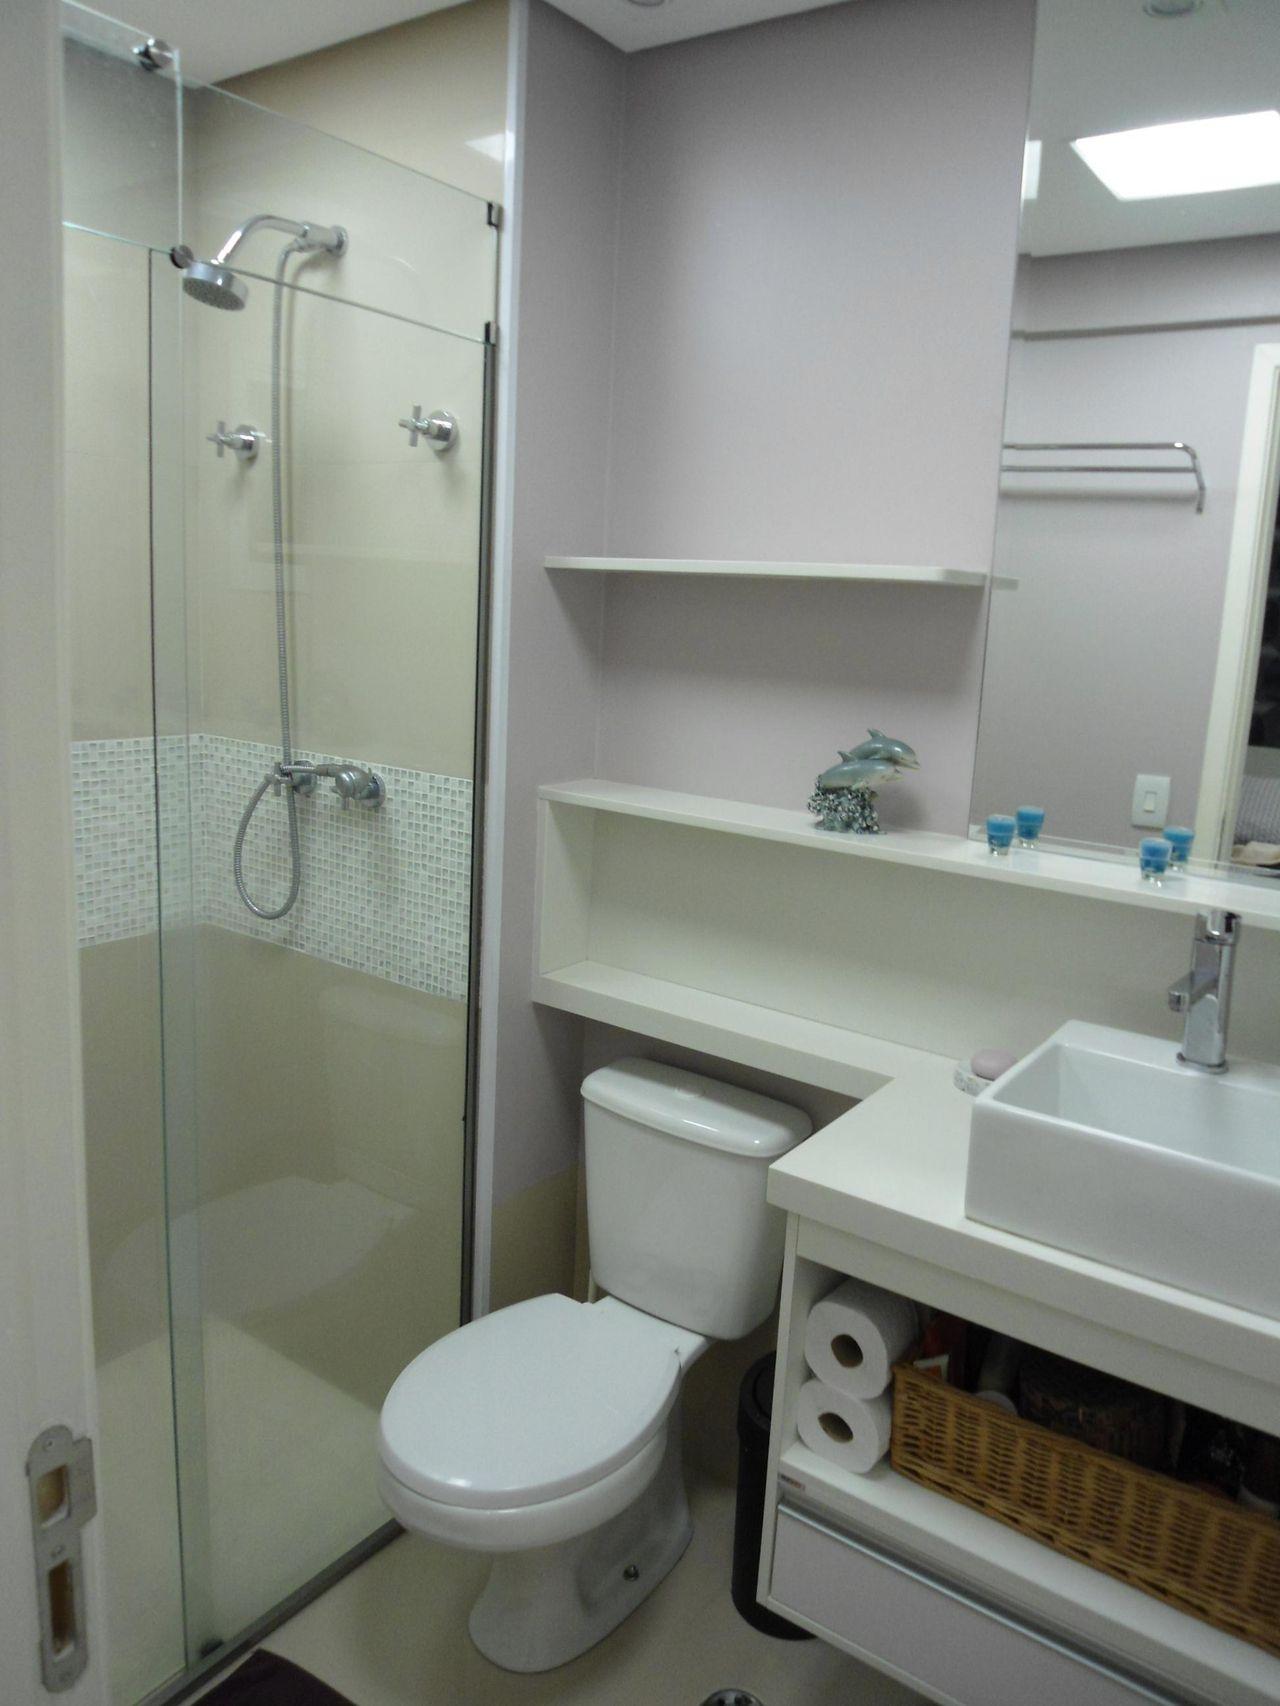 Banheiro com acabamento em Pastilha de Juliana Cristina  61121 no Viva Decora -> Banheiro Simples Pastilha